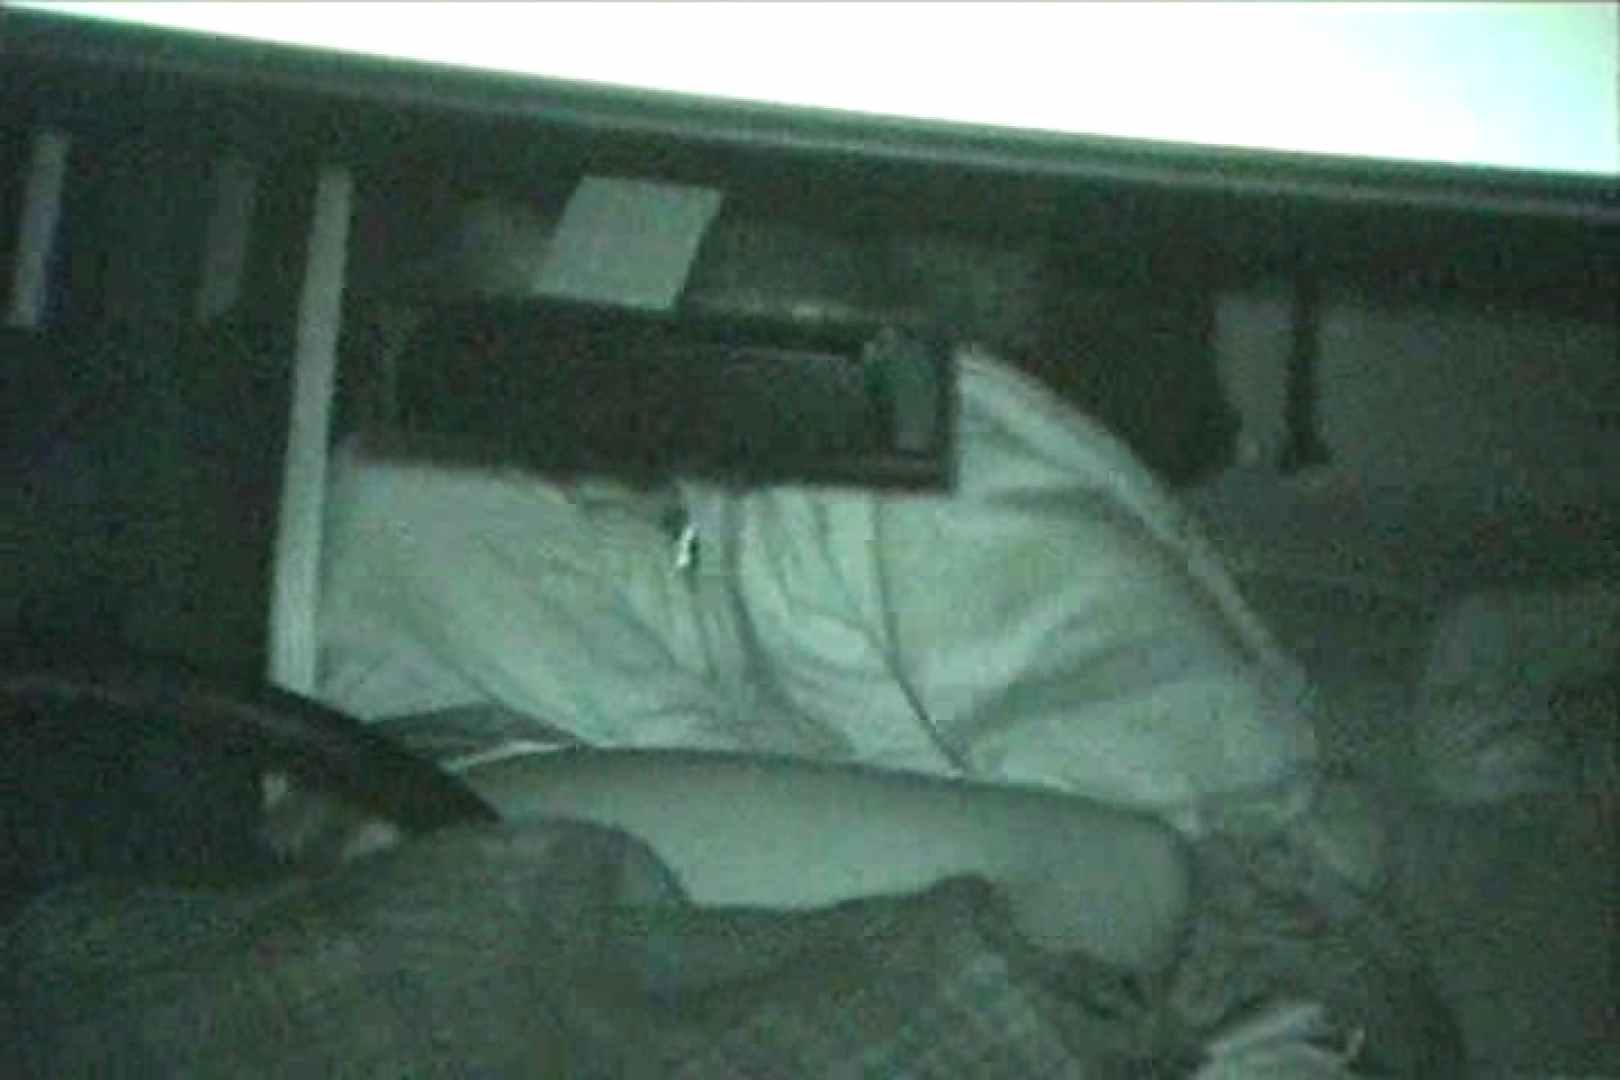 車の中はラブホテル 無修正版  Vol.27 セックス オメコ動画キャプチャ 105PIX 44